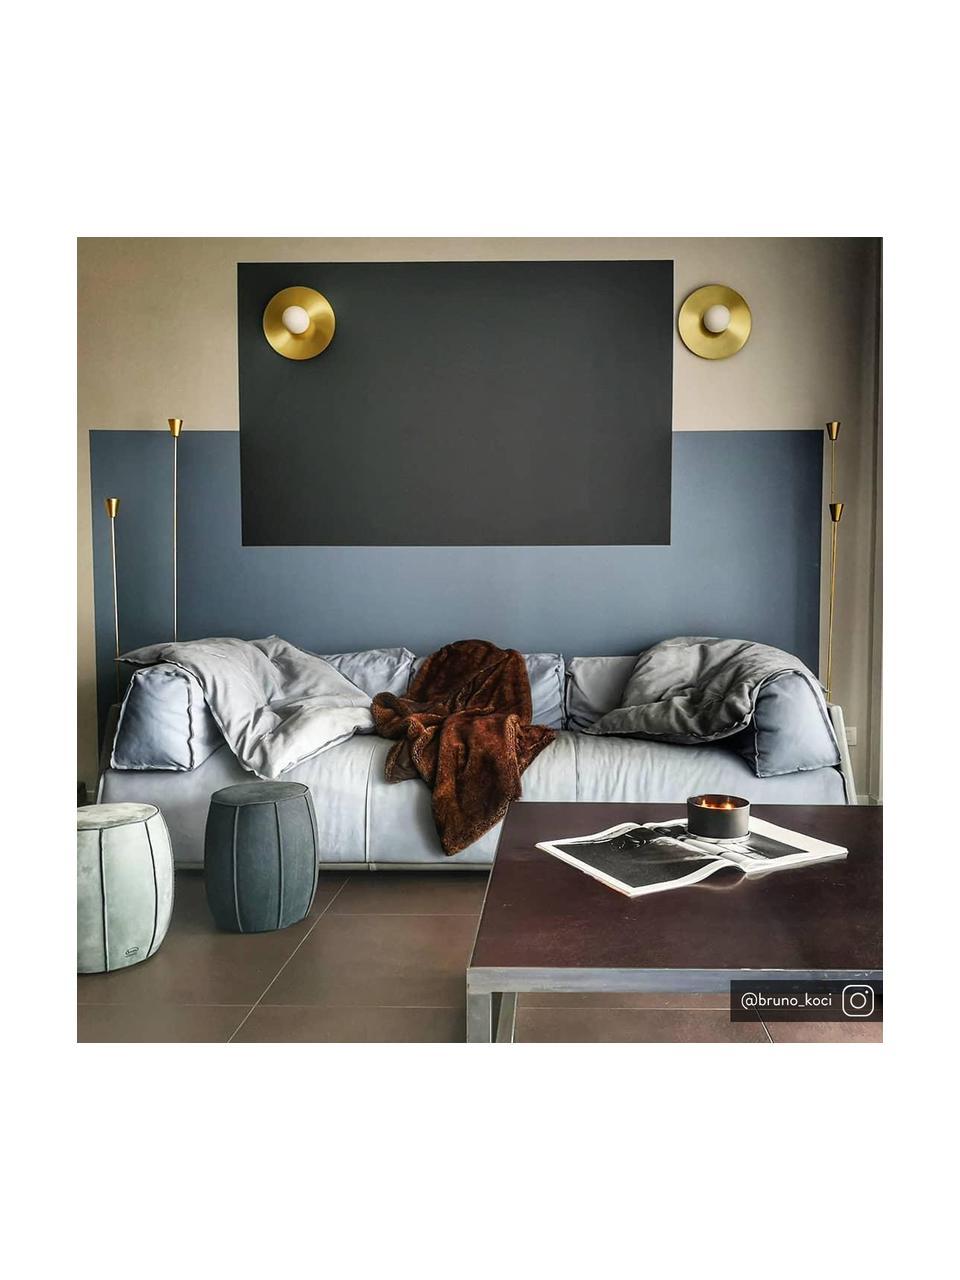 Kinkiet/lampa sufitowa LED Starling, Osłona mocowania sufitowego: odcienie mosiądzu, matowy Klosz: biały, Ø 33 cm